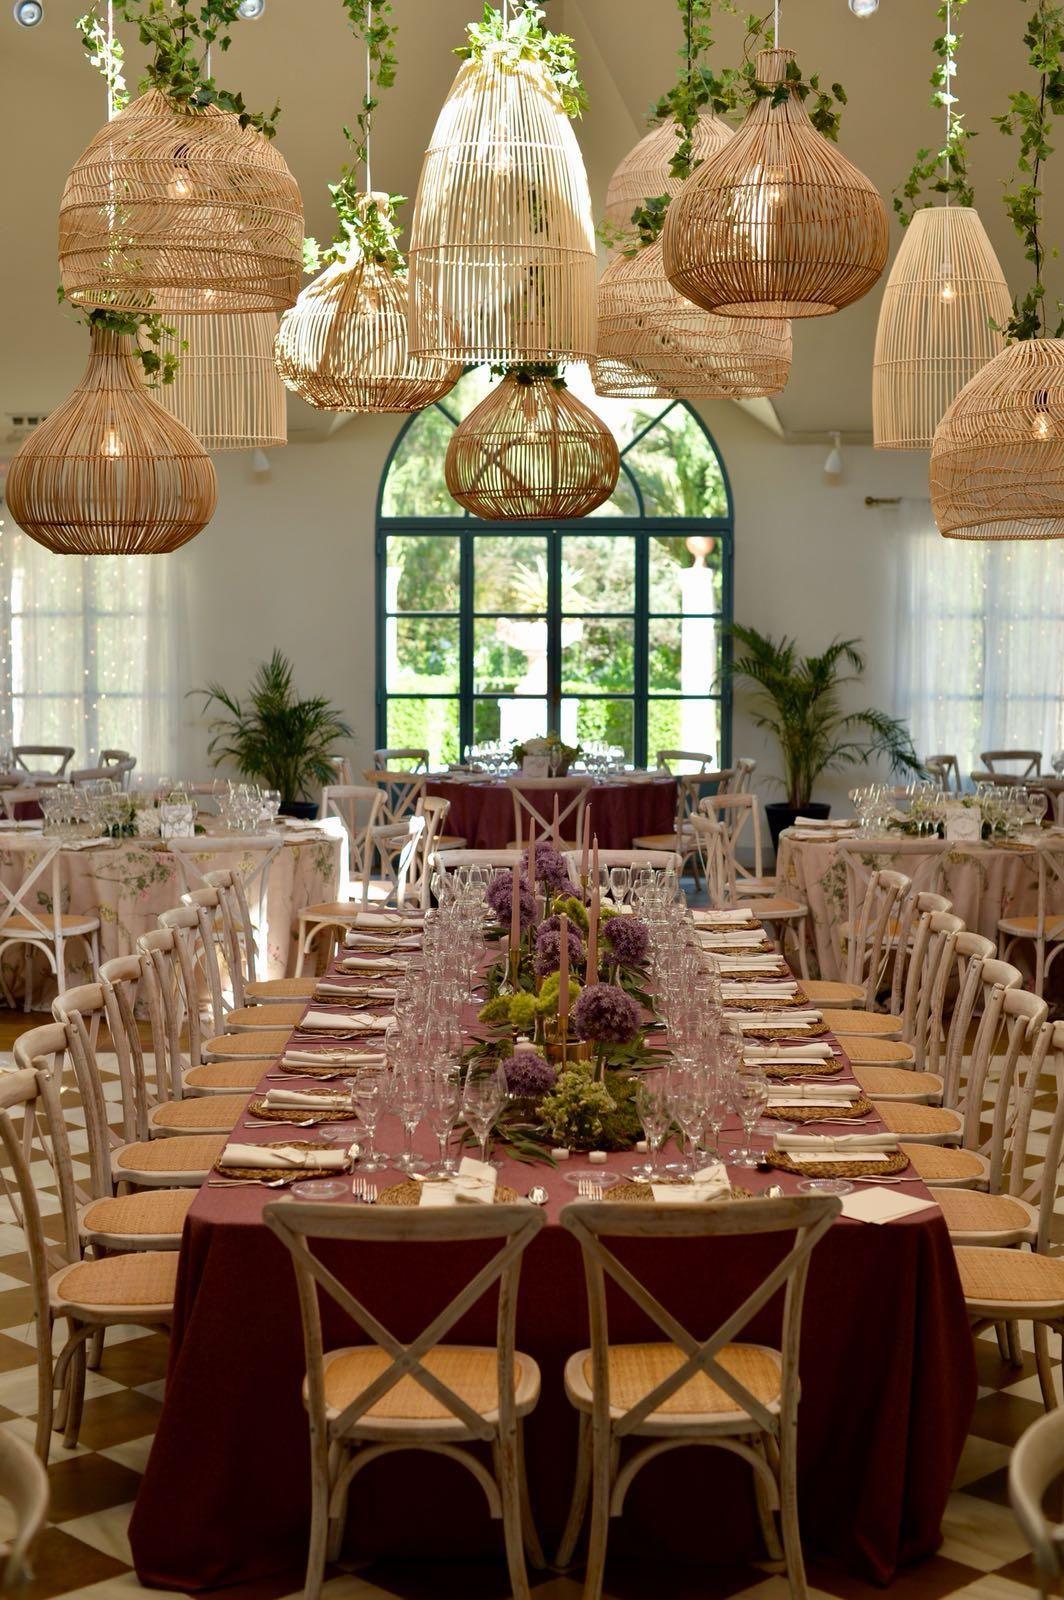 Foto 158 de Alquiler de sillas, mesas y menaje en  | Mantelería & Menaje